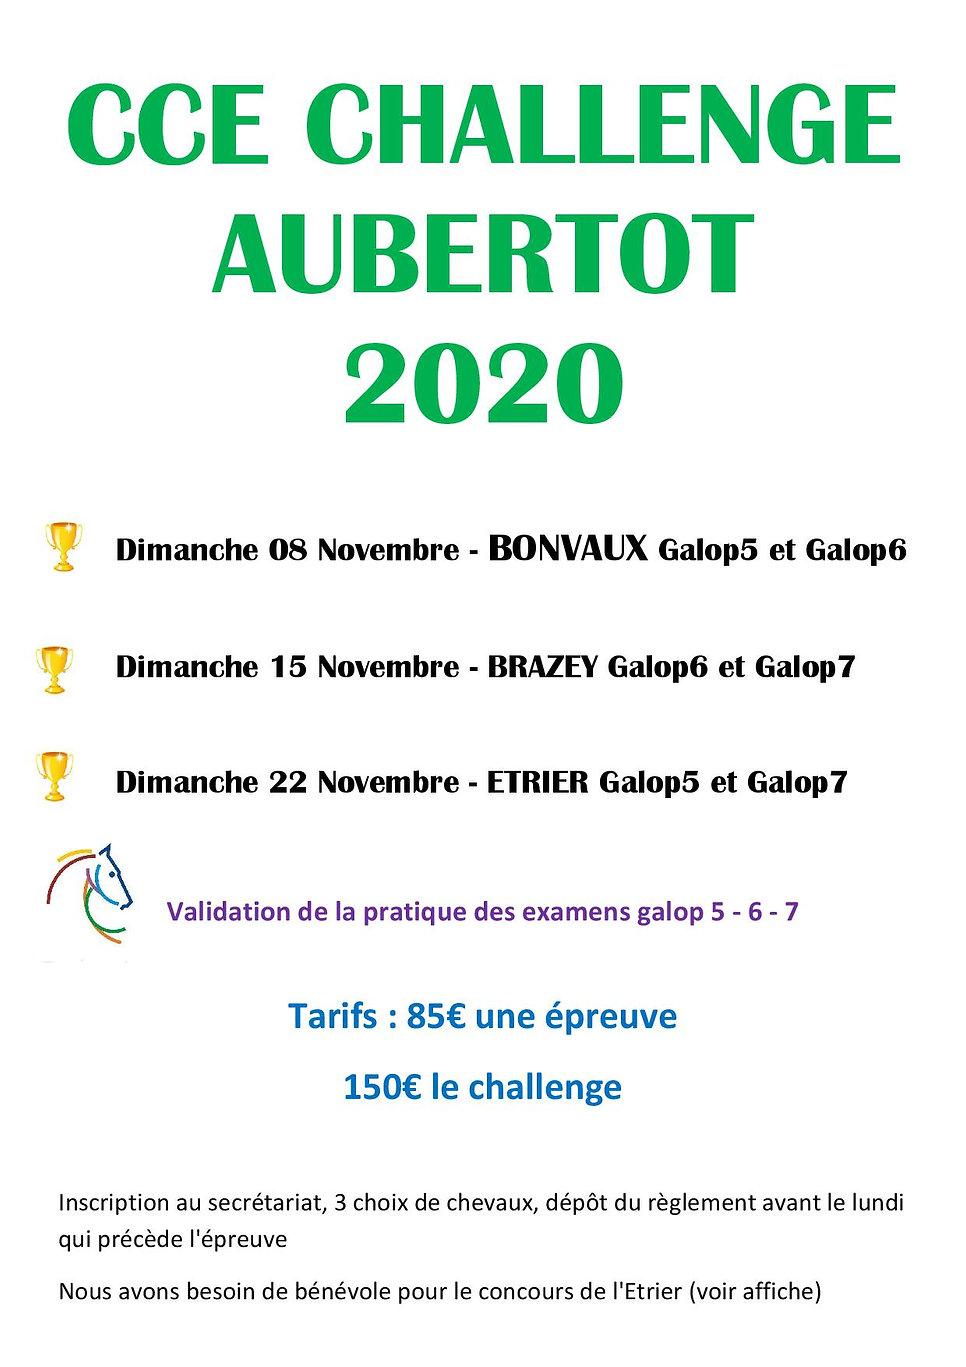 CHALLENGE AUBERTOT NOV 2020 AFFICHE.jpg